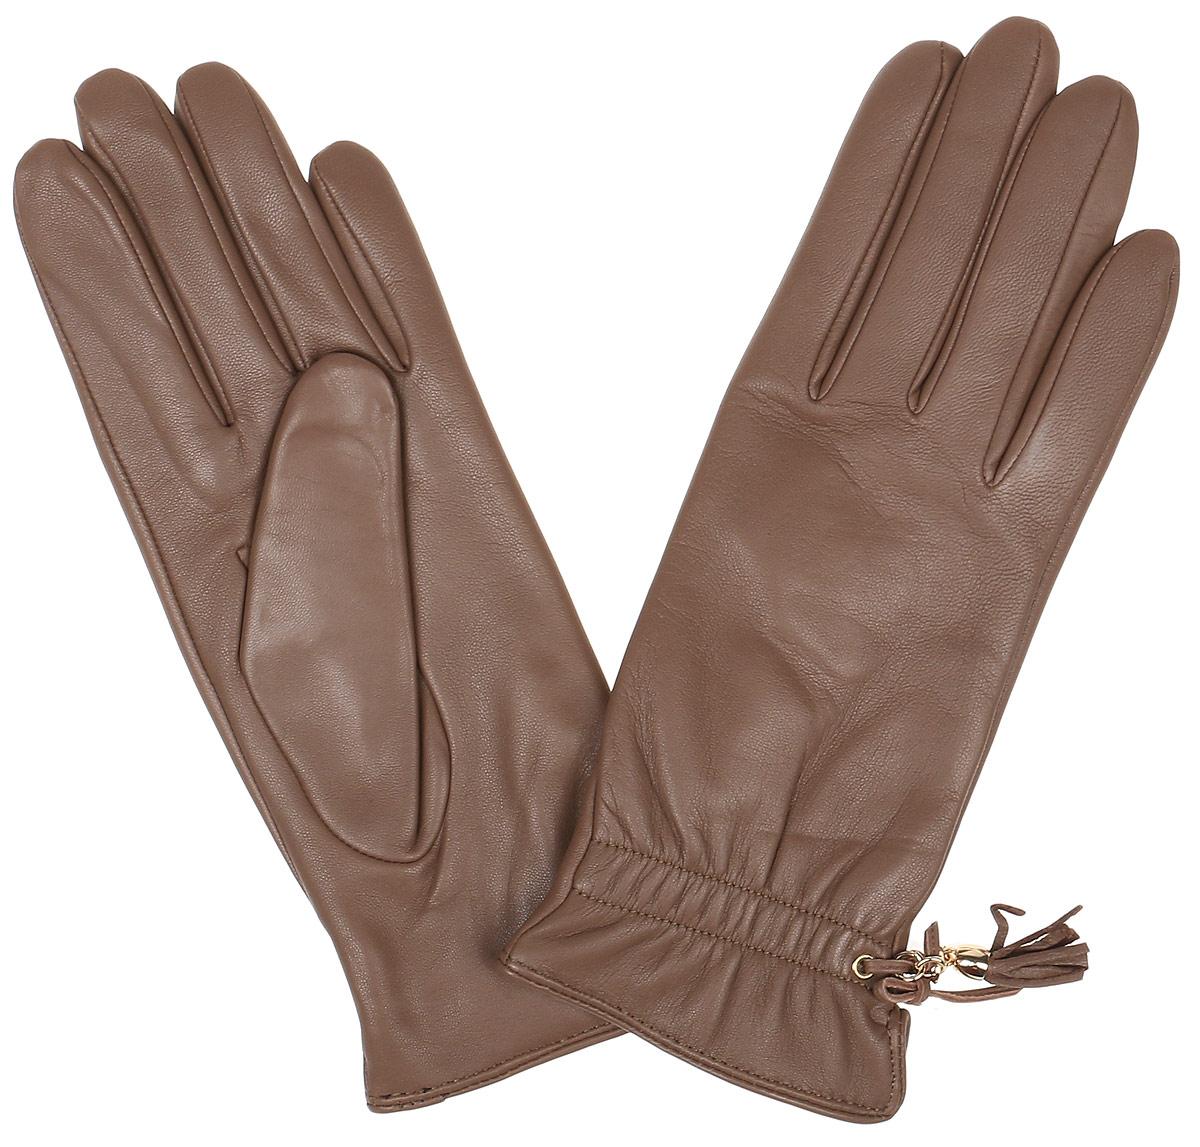 Перчатки женские Fabretti, цвет: темно-бежевый. 12.37-22. Размер 7,512.37-22 dark beigeЭлегантные женские перчатки Fabretti станут великолепным дополнением вашего образа и защитят ваши руки от холода и ветра во время прогулок. Перчатки выполнены из натуральной кожи ягненка, подкладка - из шерсти и кашемира. Модель декорирована оригинальным бантиком и кожаной кисточкой. Такие перчатки будут оригинальным завершающим штрихом в создании современного модного образа, они подчеркнут ваш изысканный вкус и станут незаменимым и практичным аксессуаром.